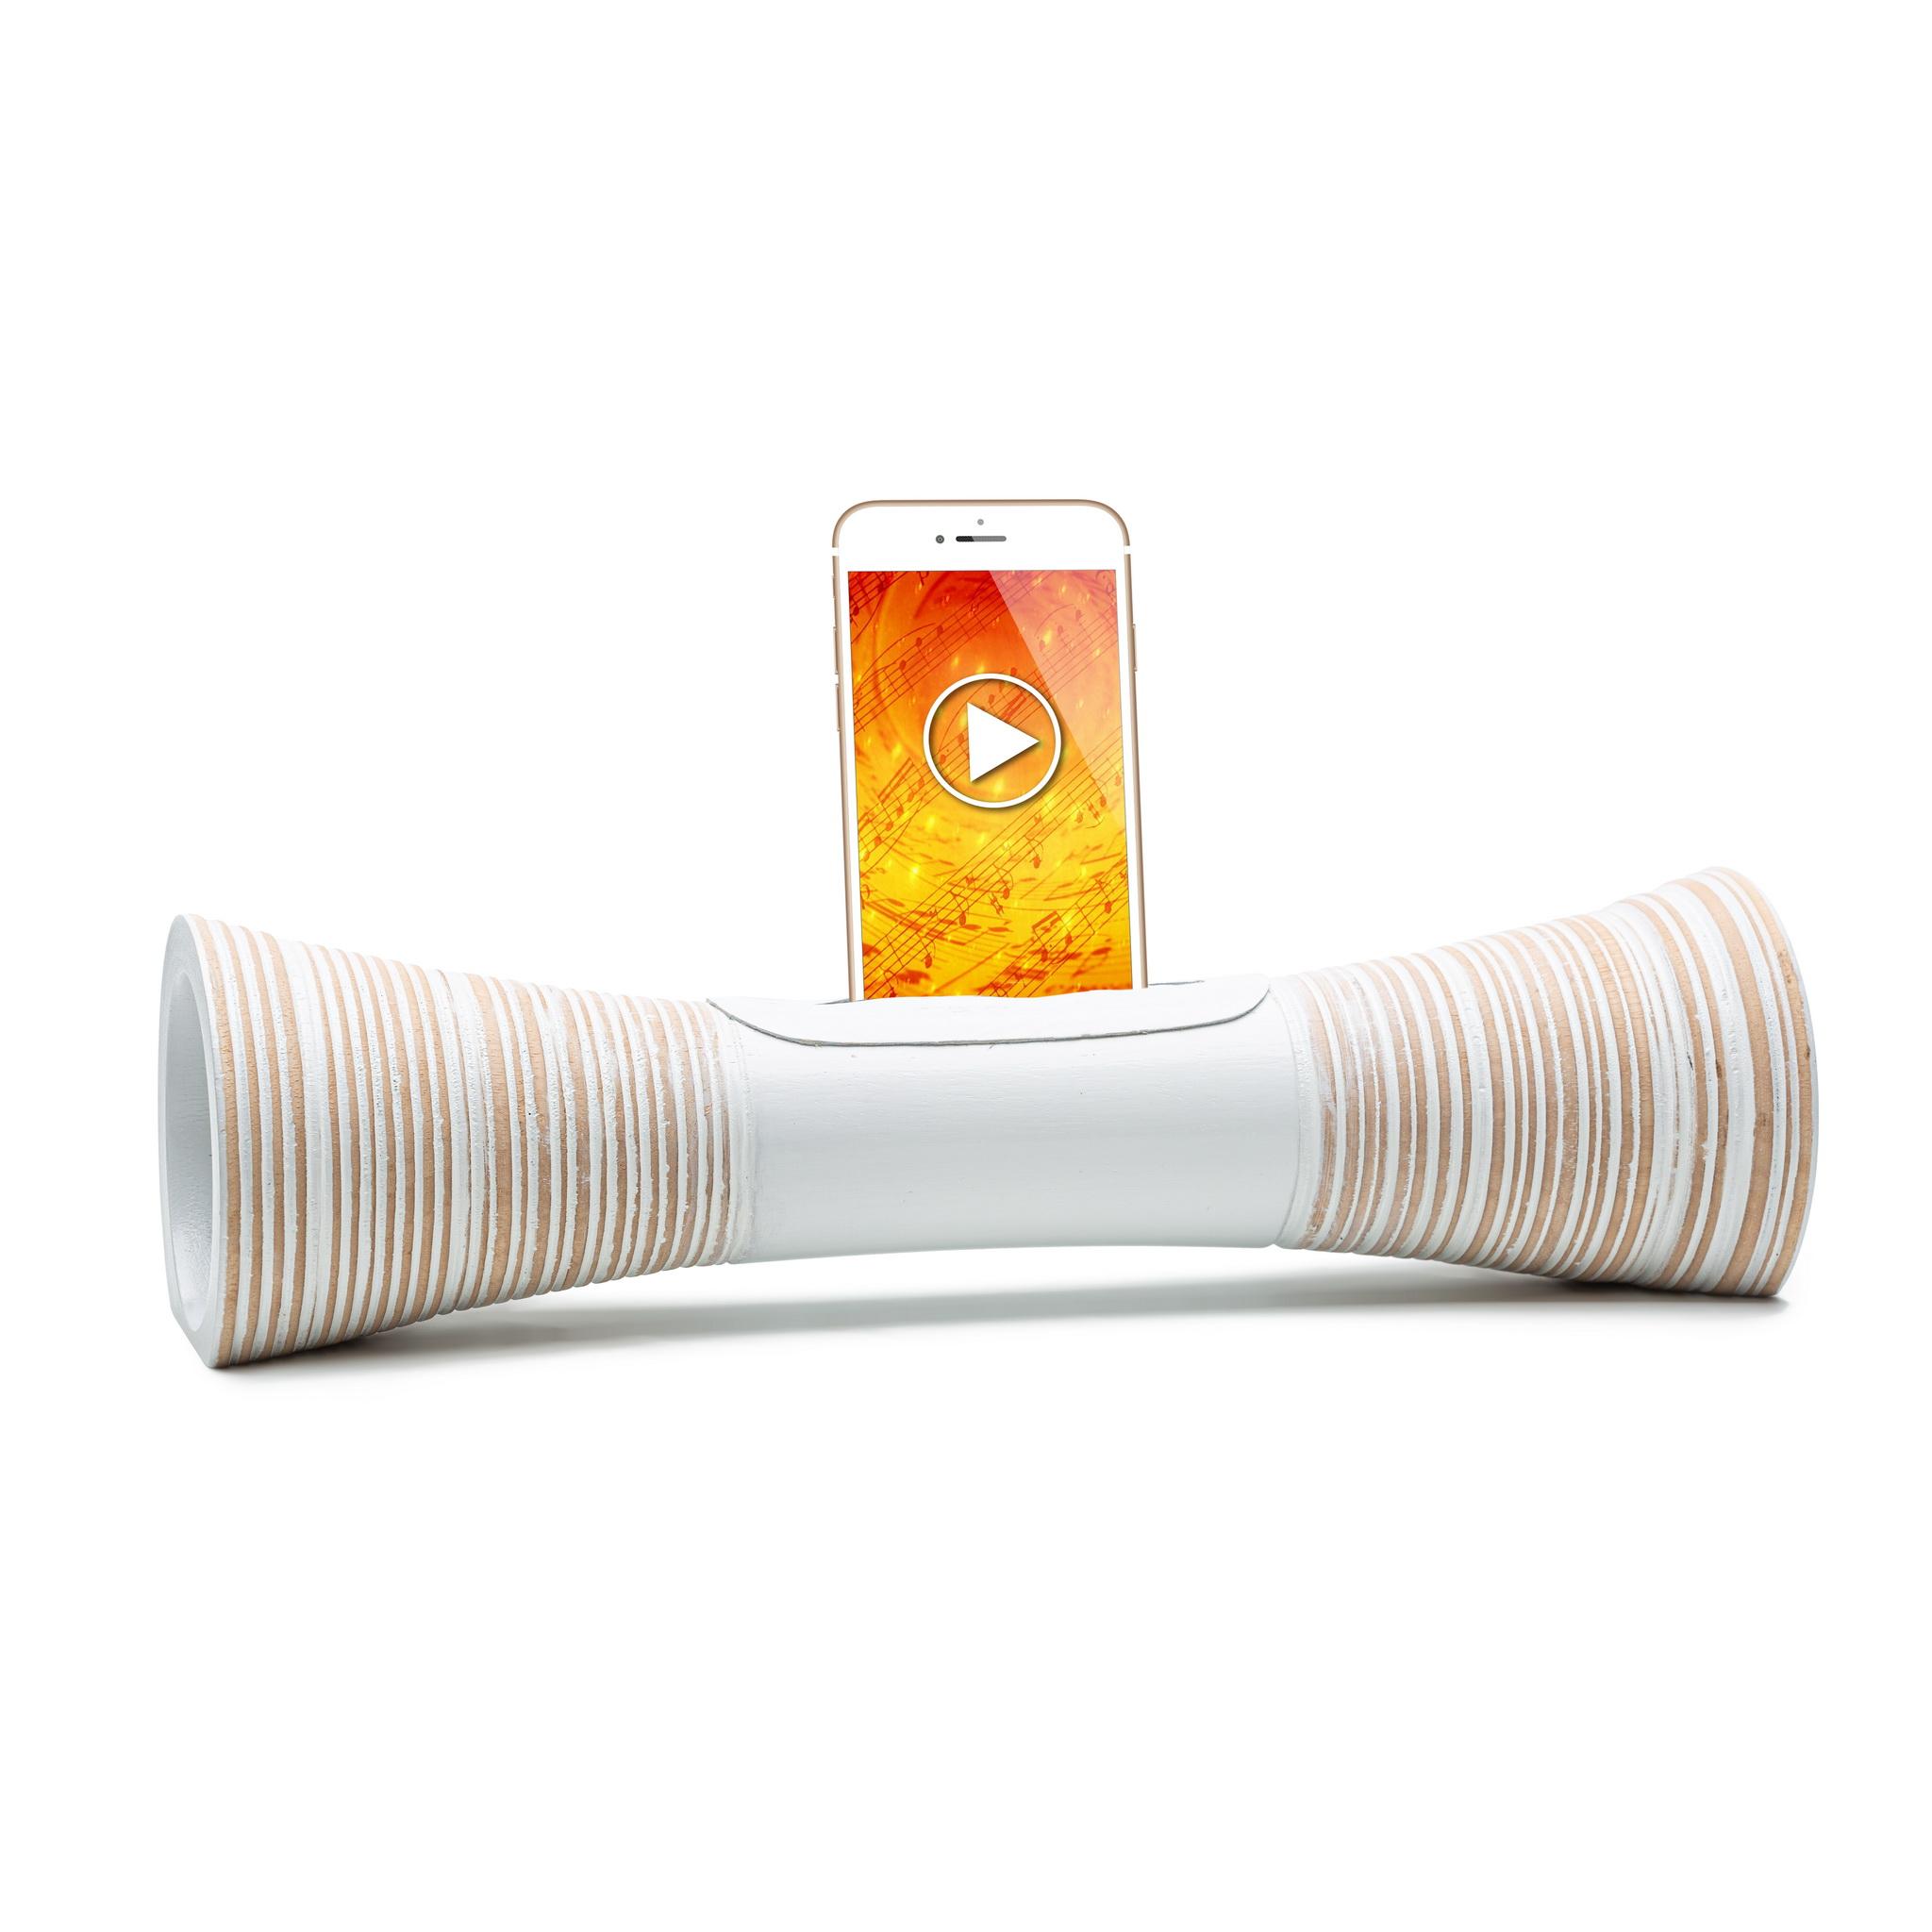 Mangobeat - MANGOBEAT - Enceinte en Bois pour telephone - Amplificateur son